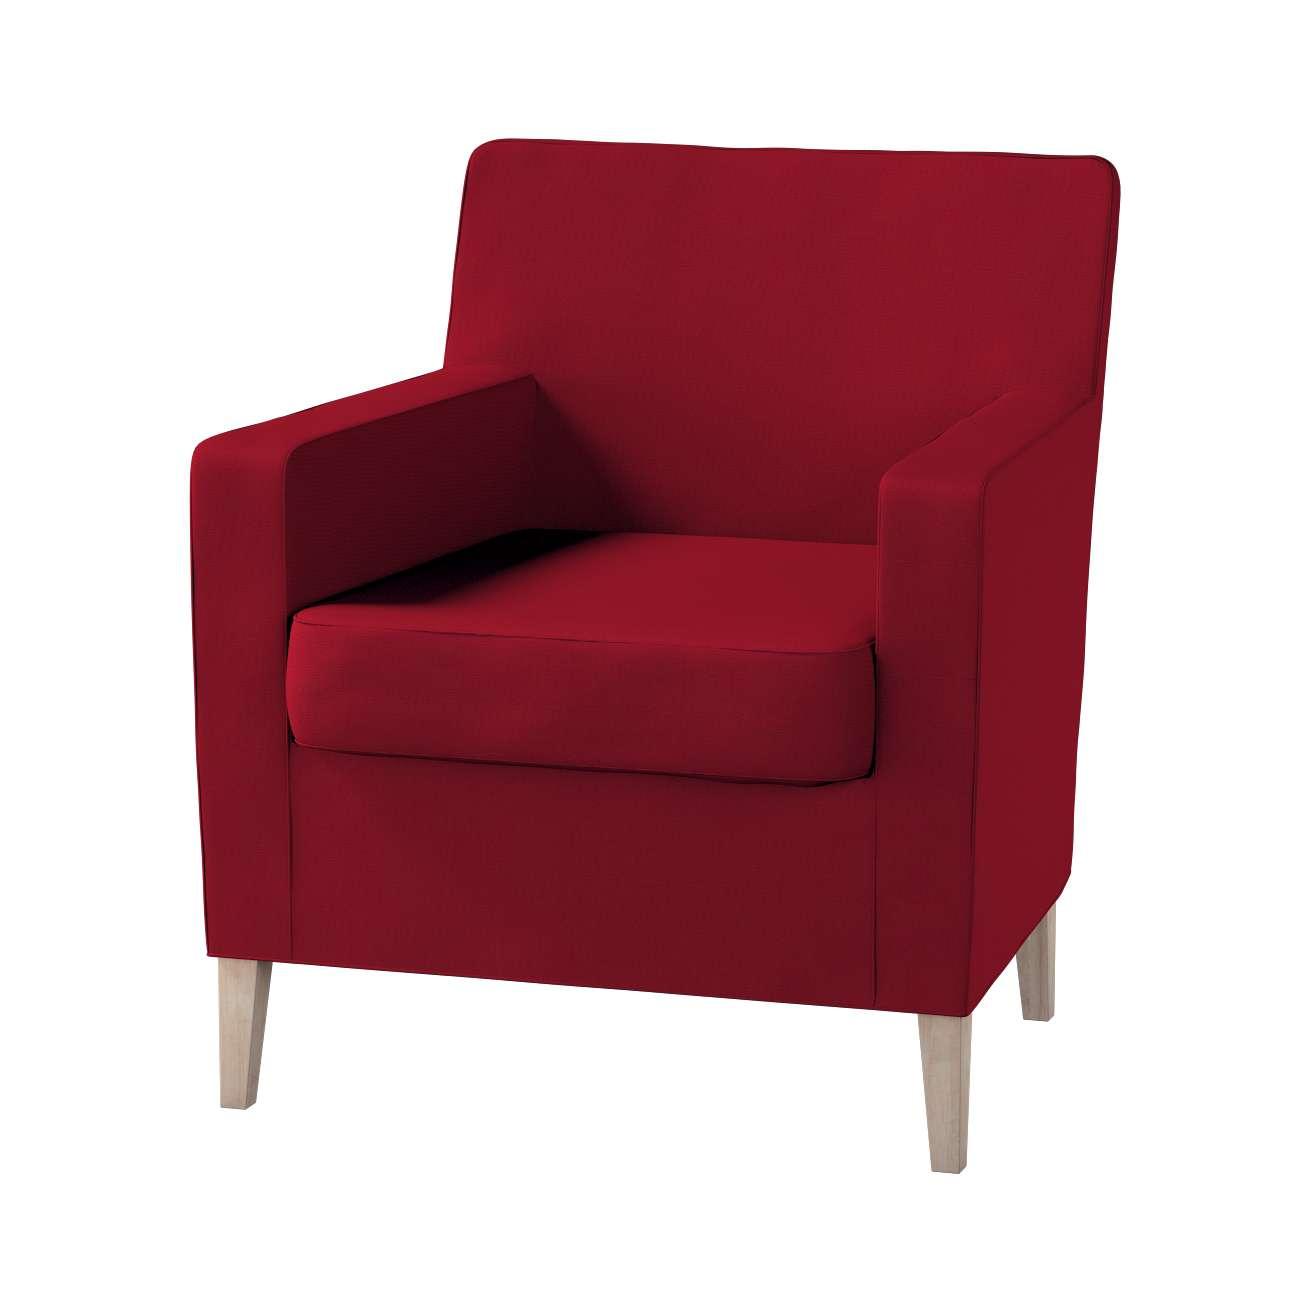 Karlstad fotelio-kėdės užvalkalas Karlstad fotelio - kėdės užvalkalas kolekcijoje Etna , audinys: 705-60